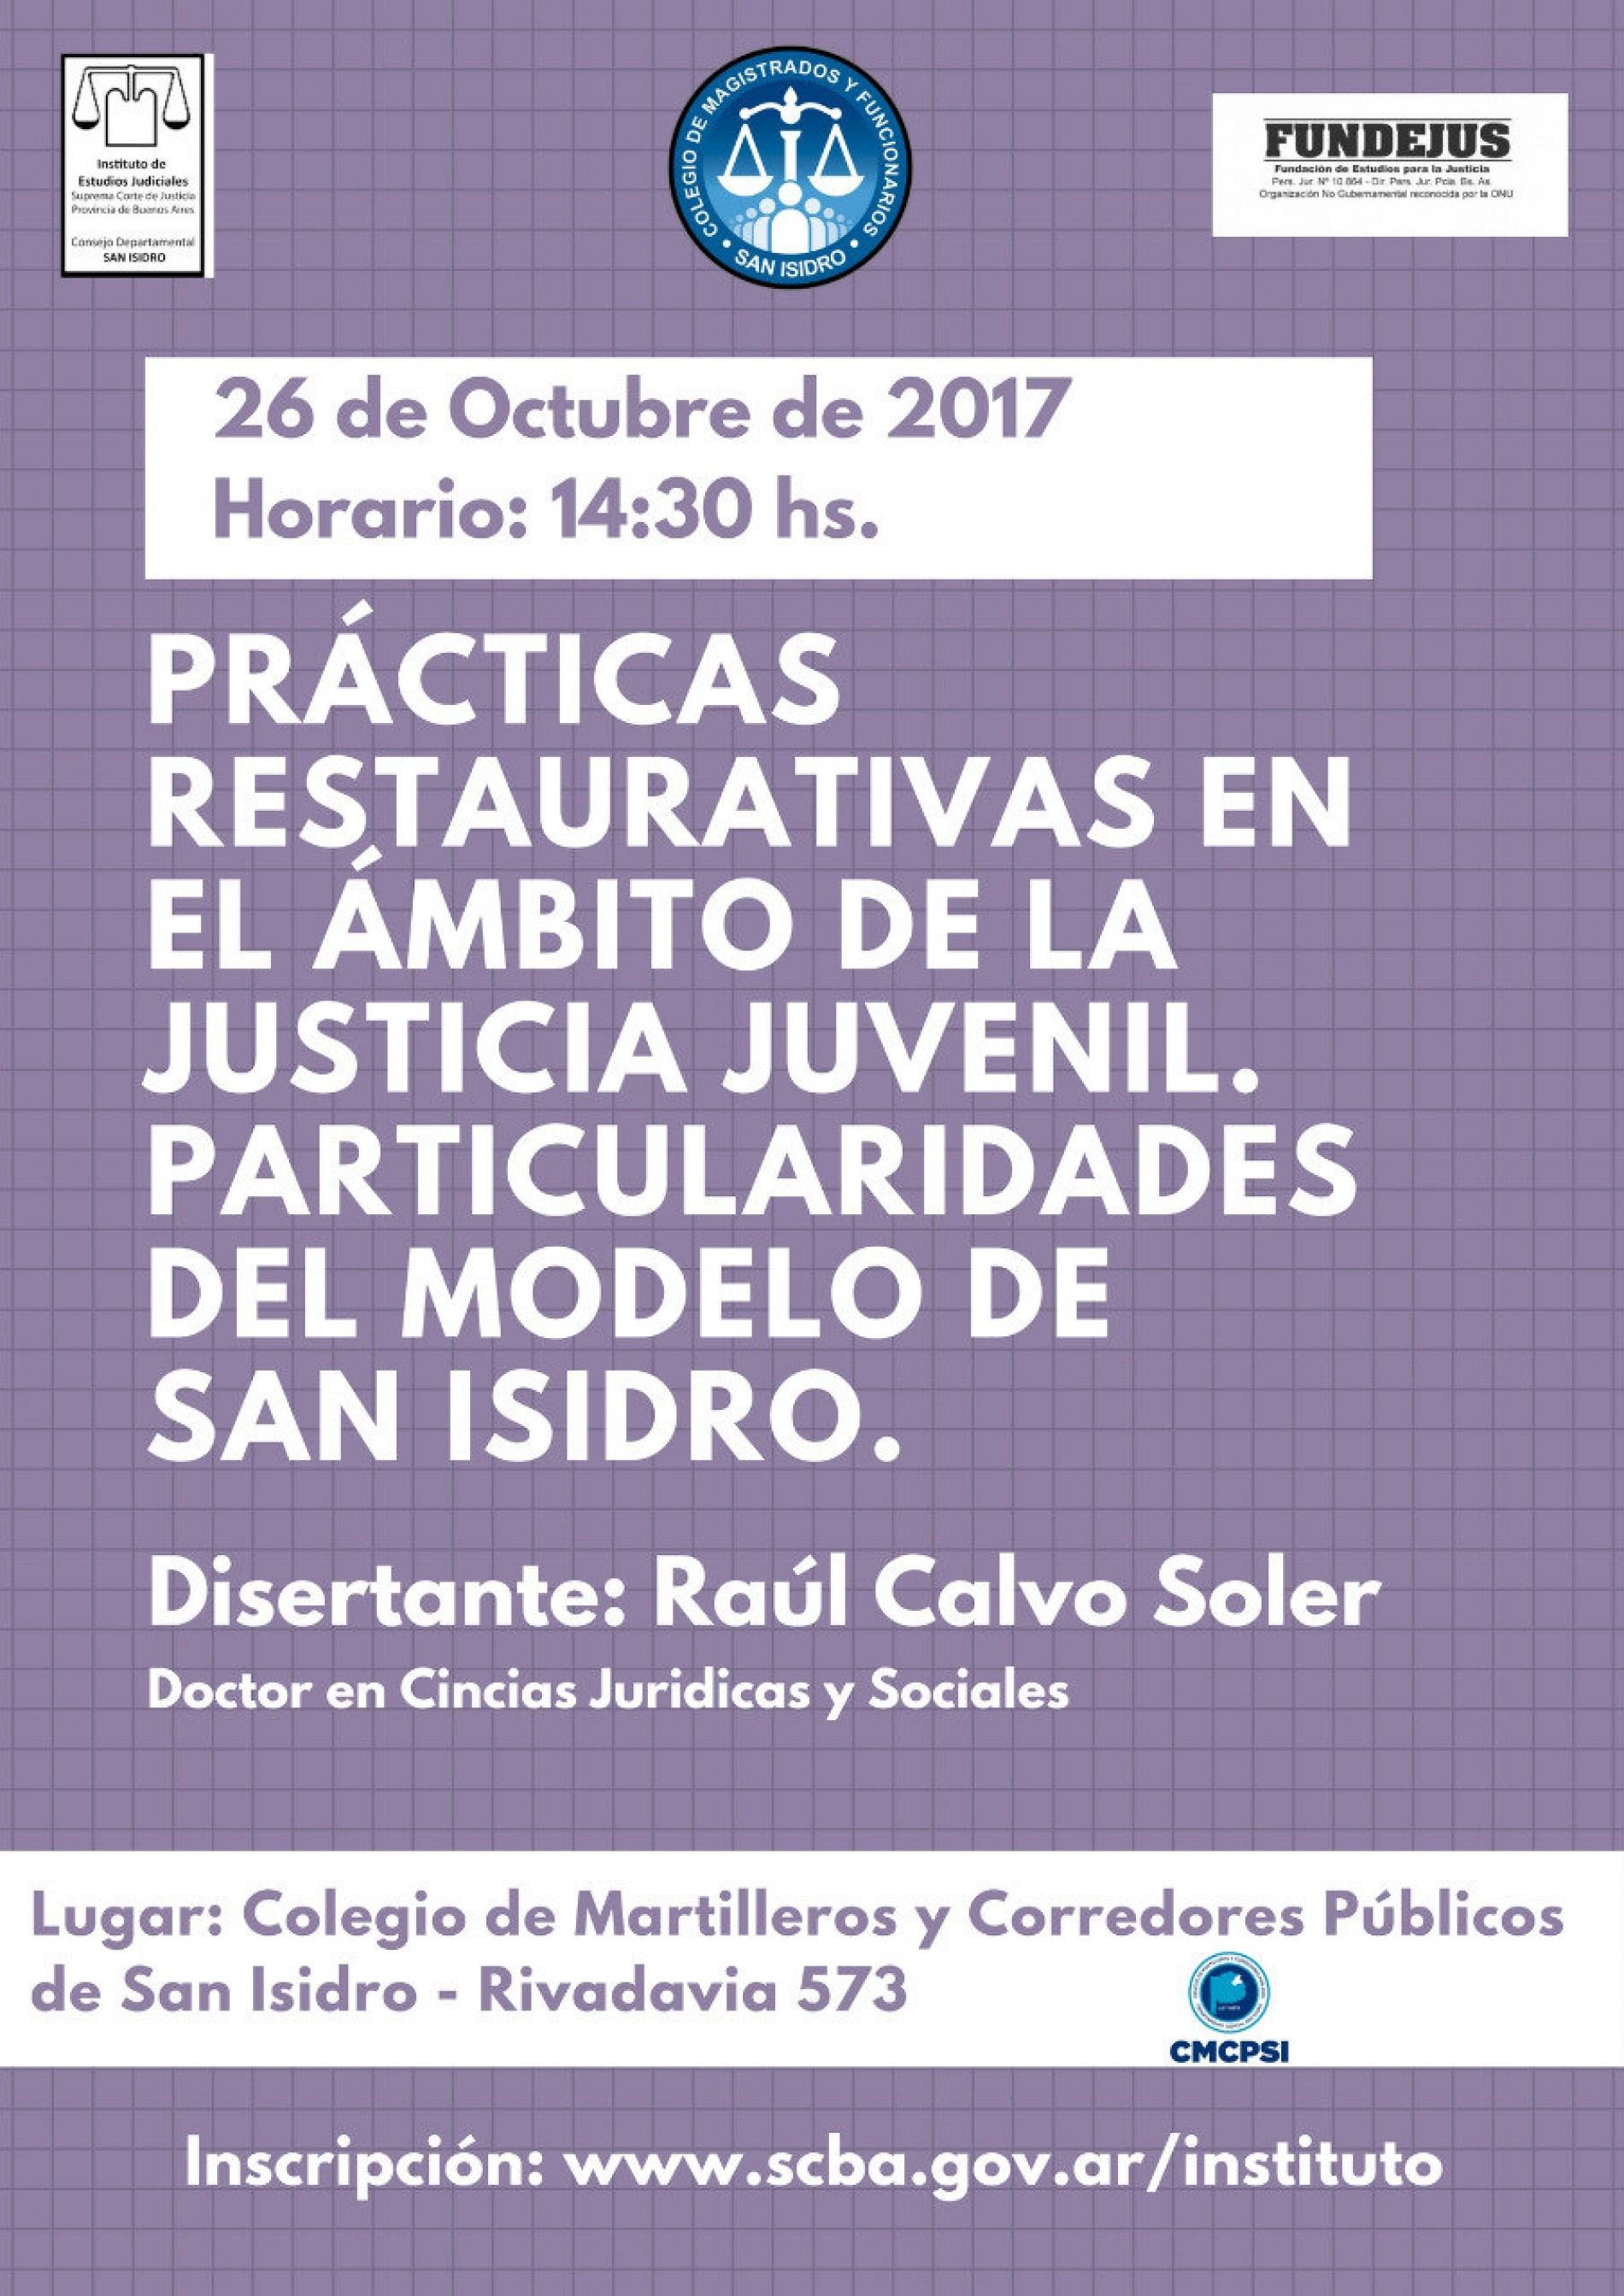 Prácticas restaurativas en el ámbito de la justicia juvenil. Particularidades del modelo de San Isidro